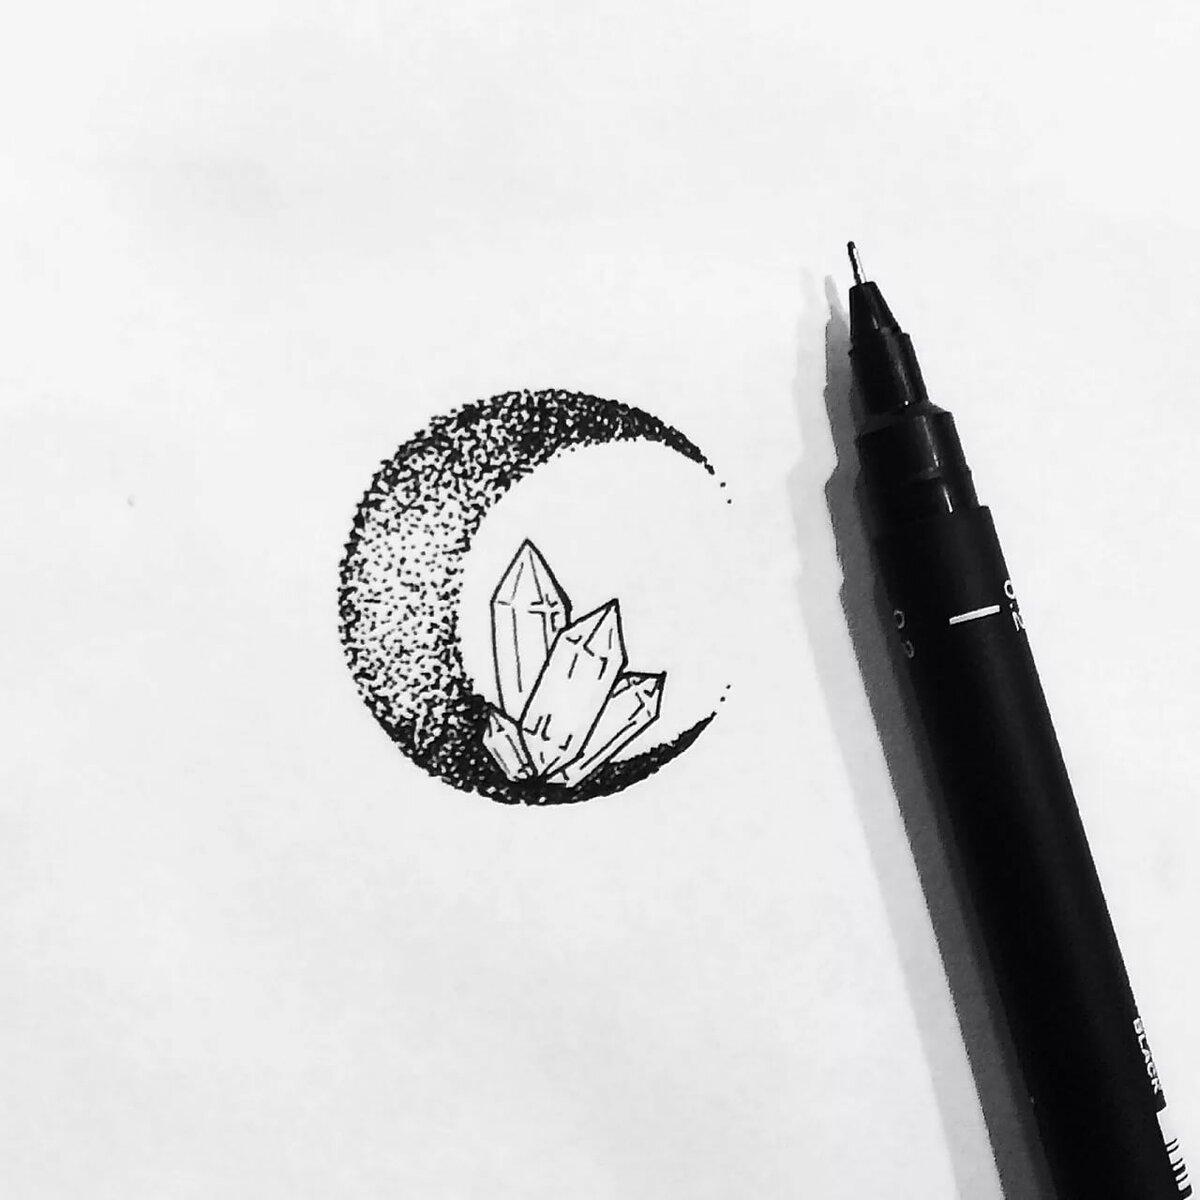 крутые картинки черной ручкой на магическую тему шкафа-купе